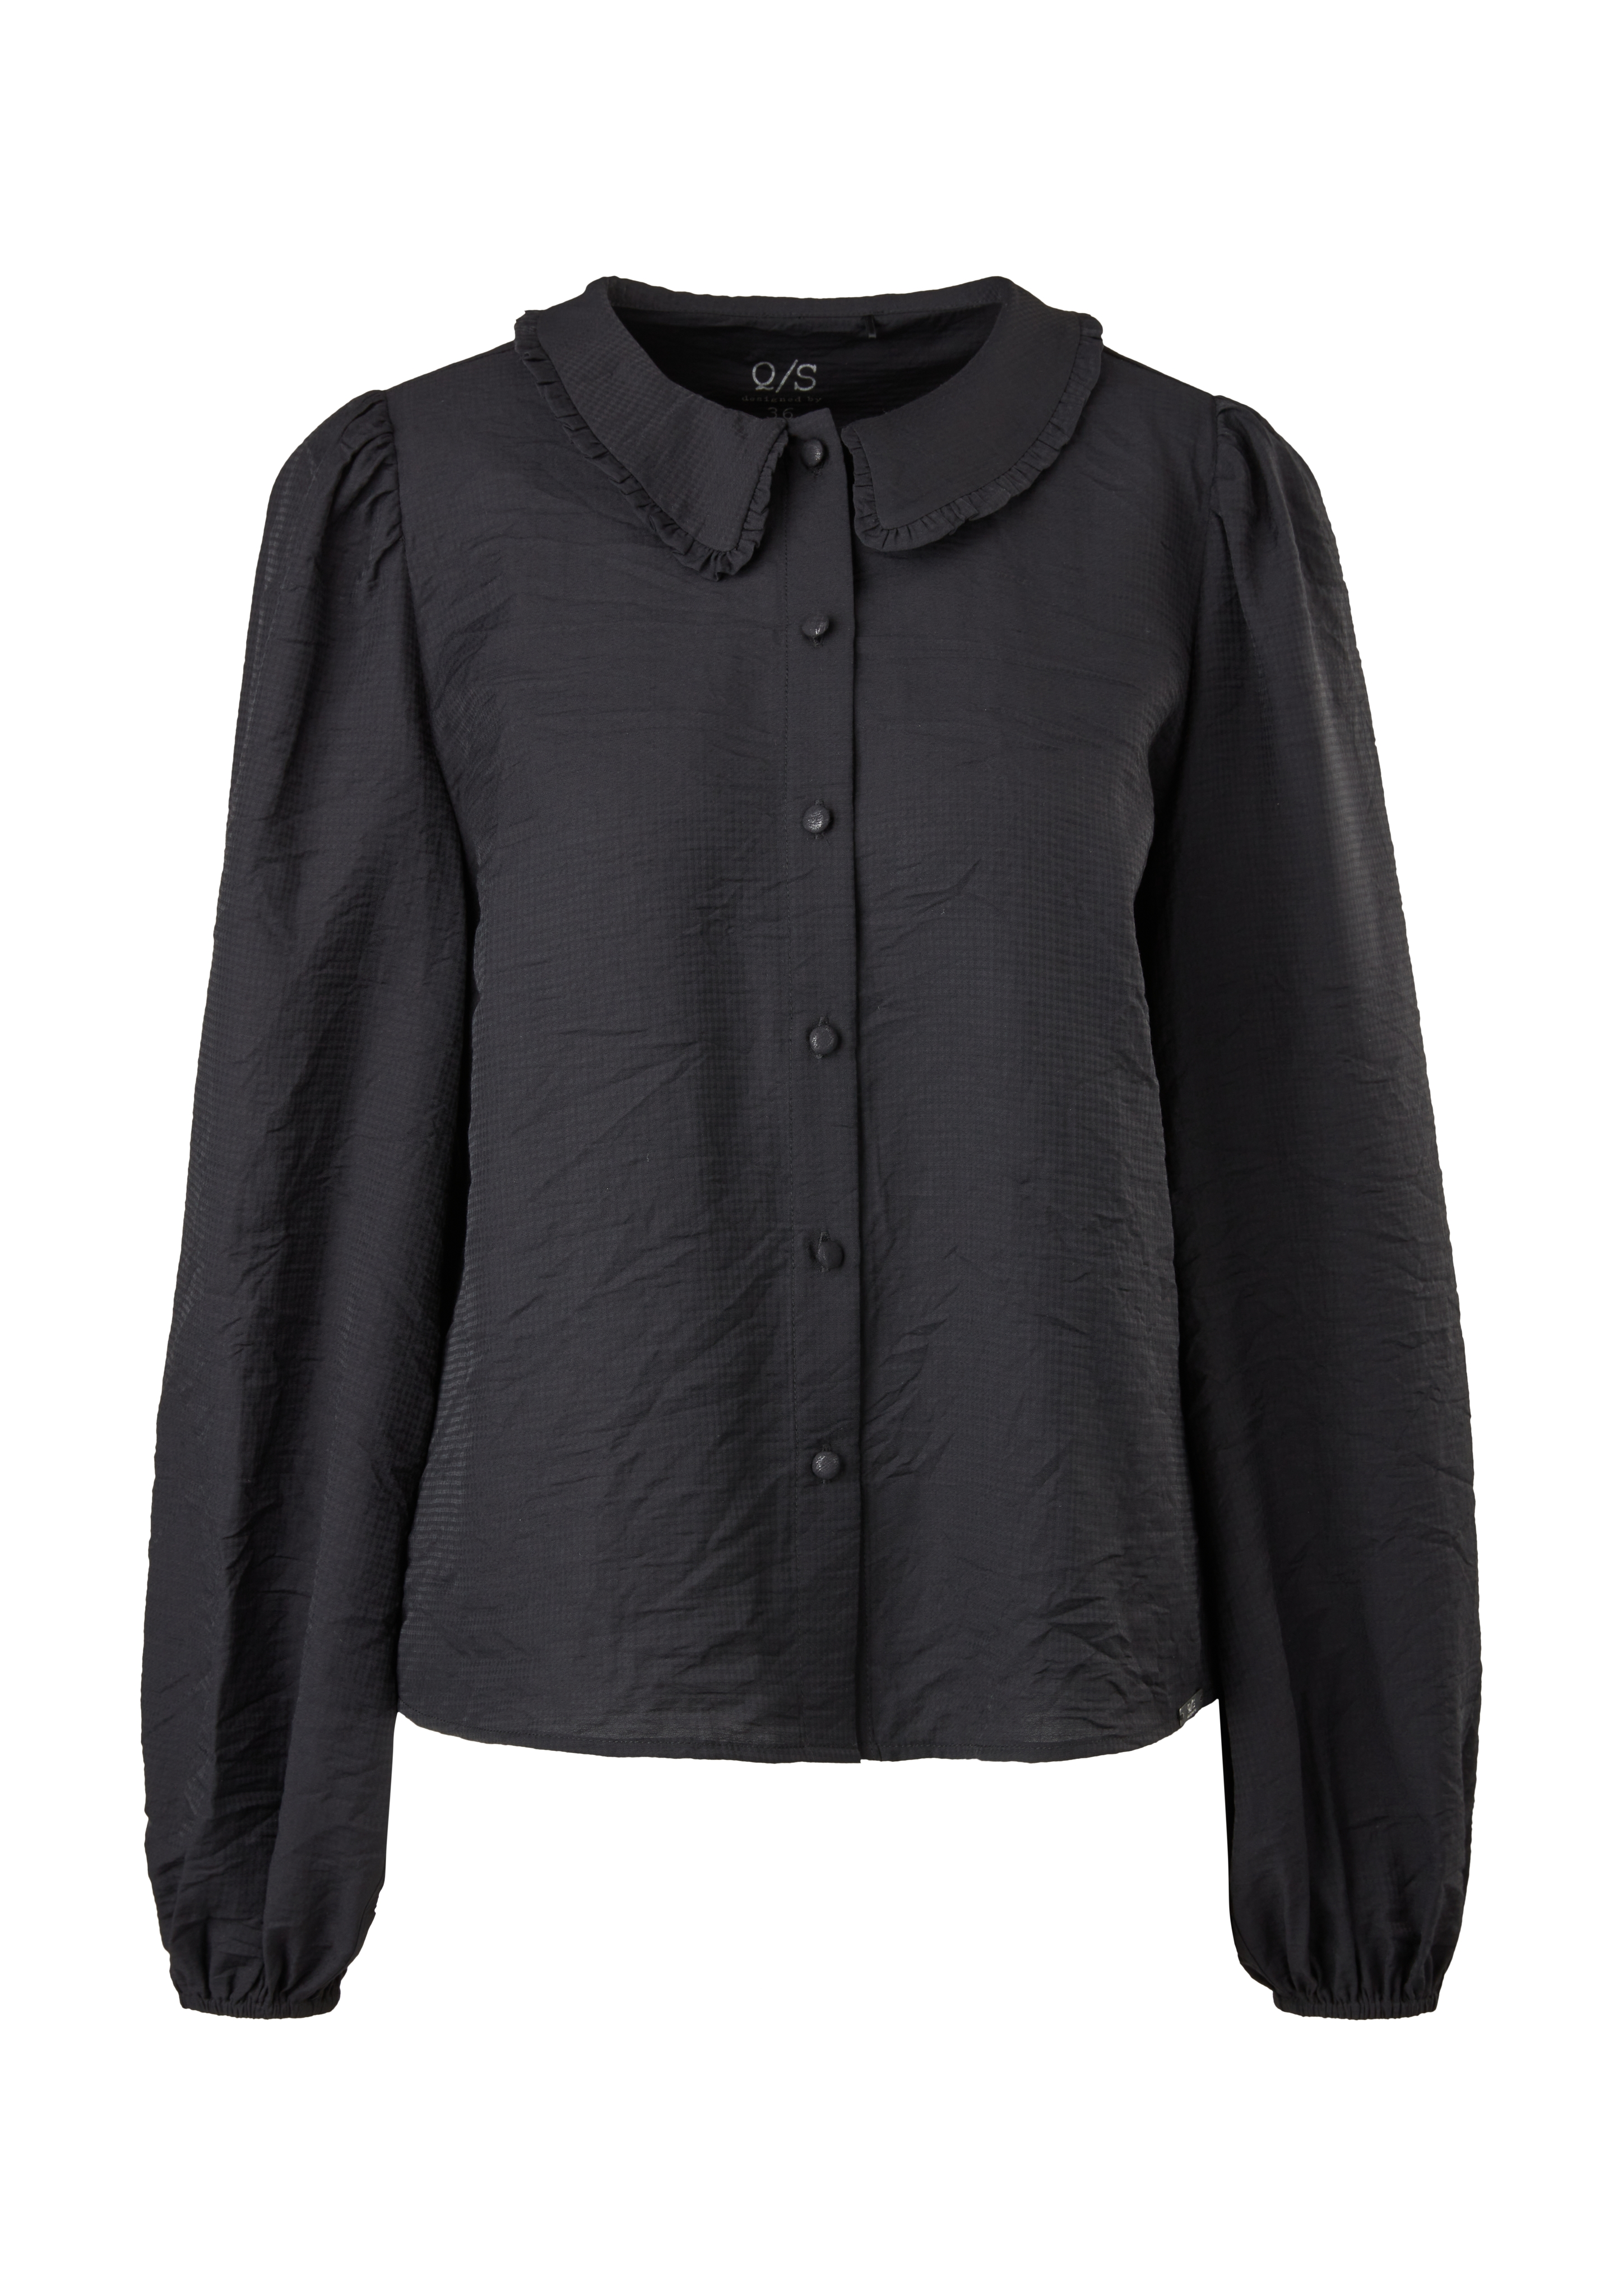 Bluse QS-designed, schwarz